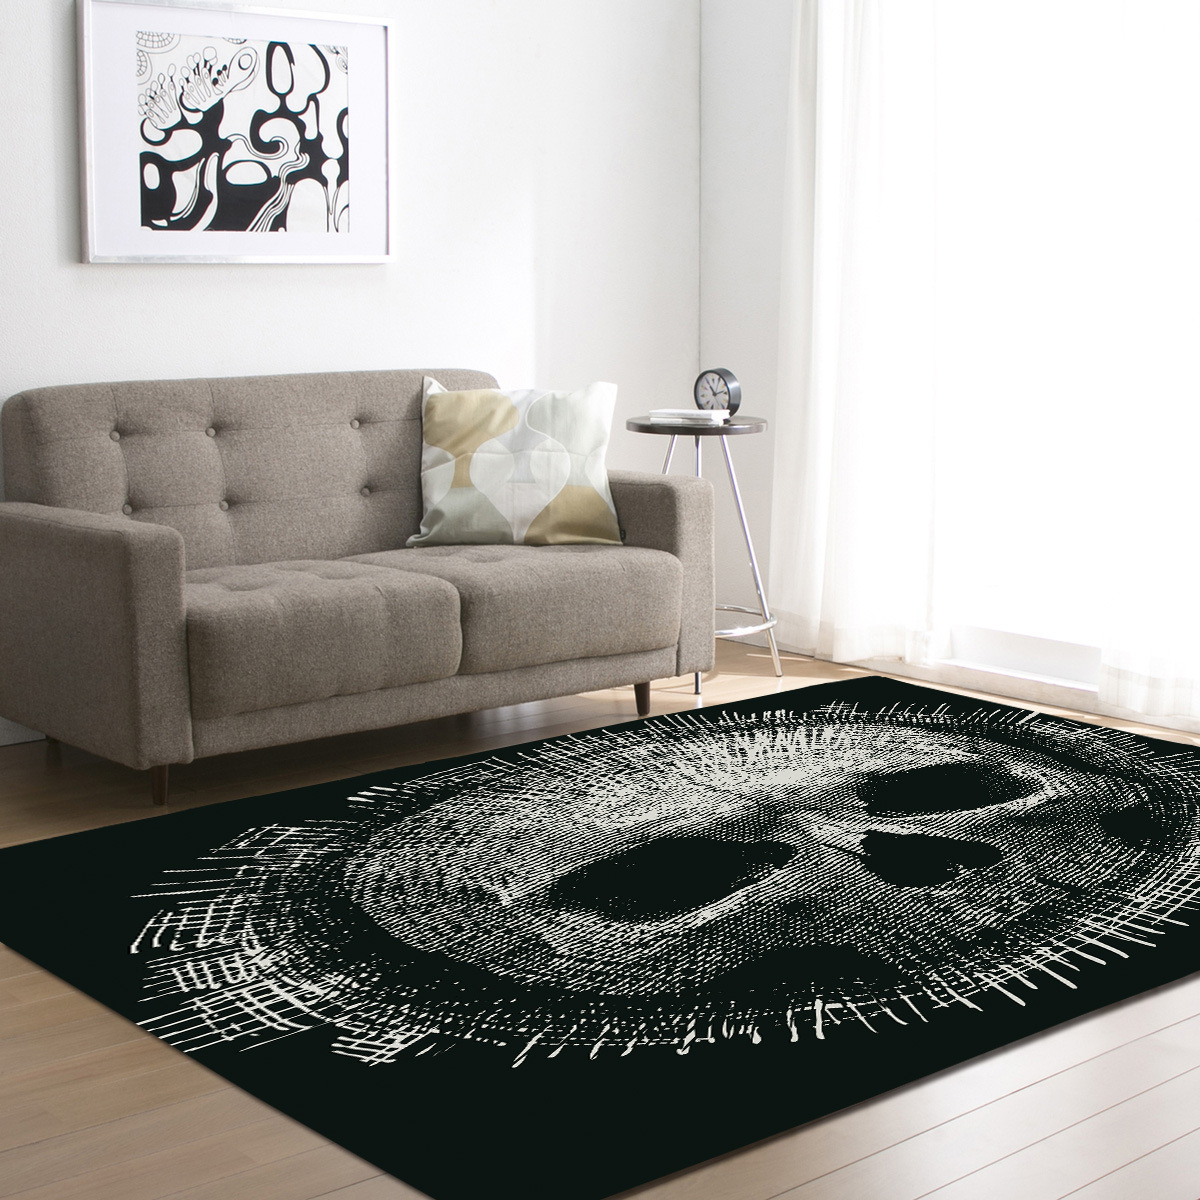 3D tapis noirs imprimés par crâne de sucre pour la pièce de literie de salon grand tapis de zone de Rectangle tapis extérieurs modernes de tapis